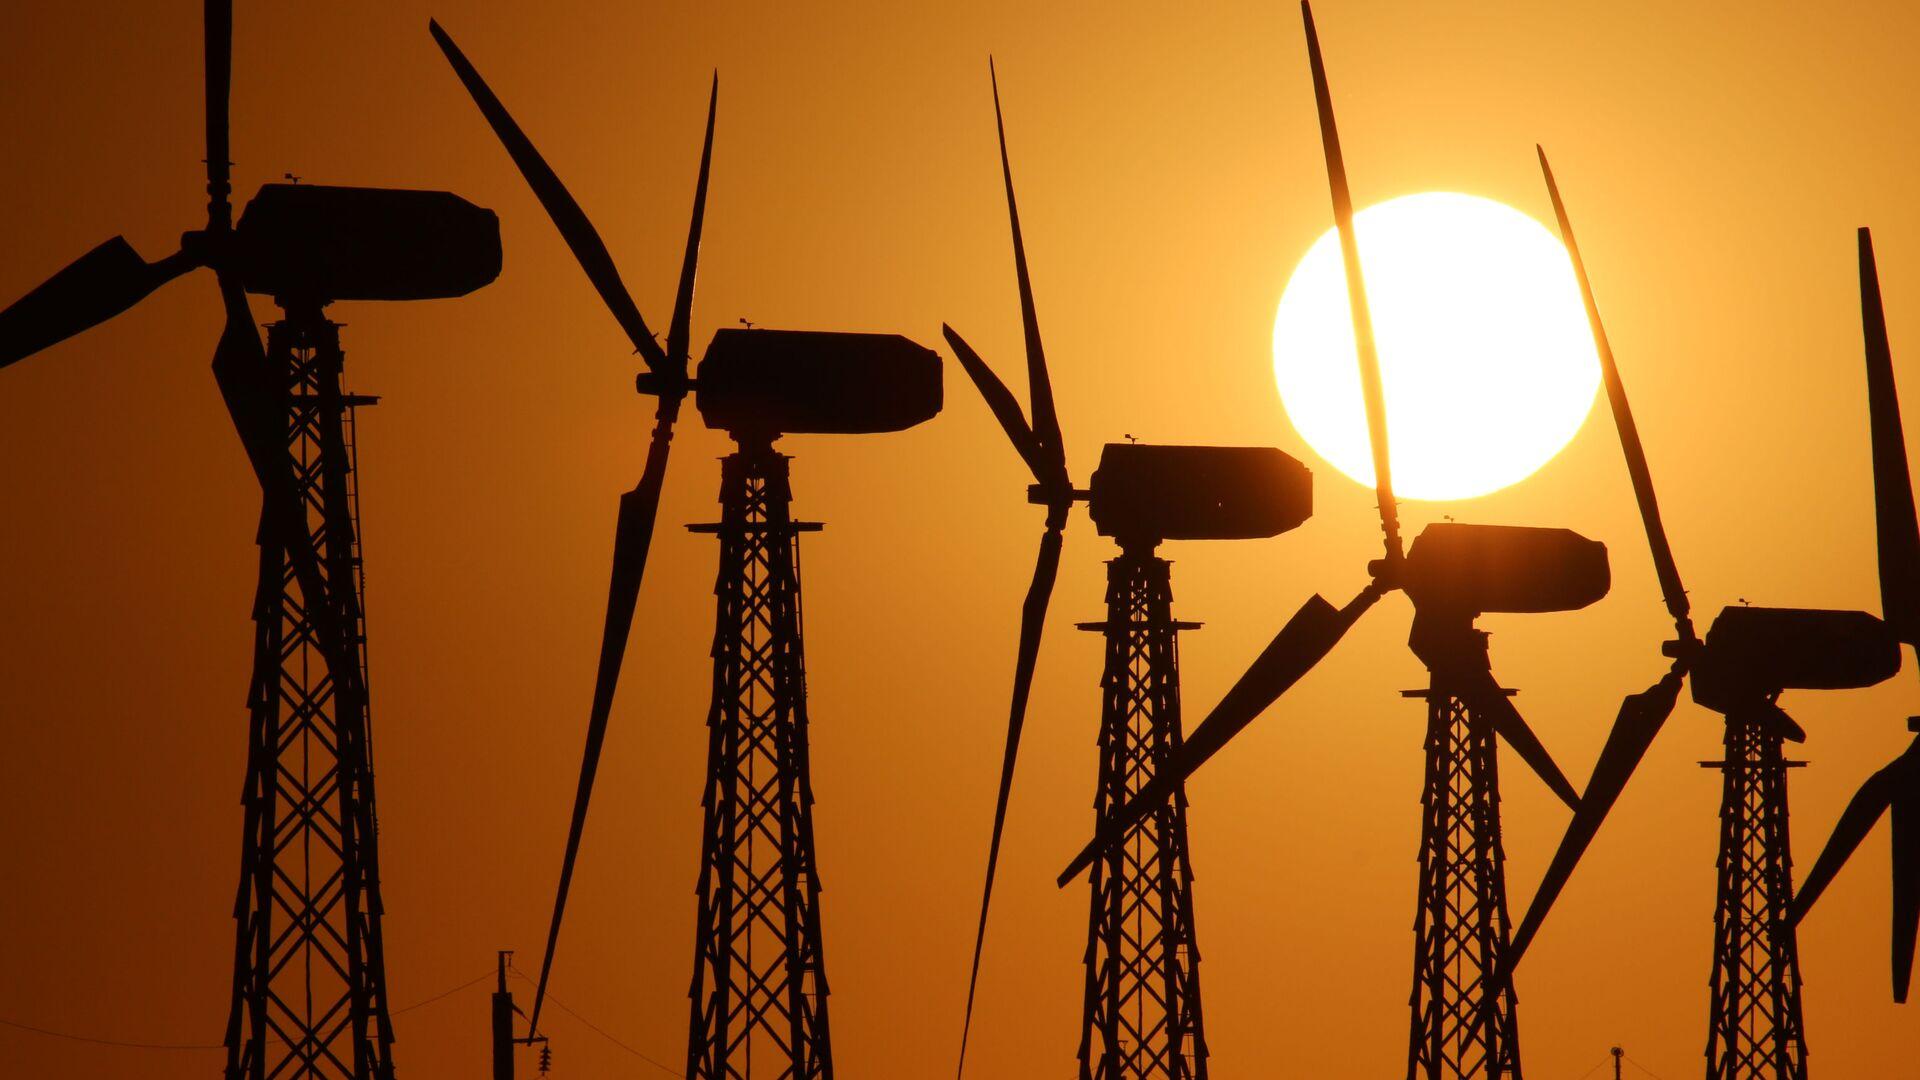 Ветрогенераторы - Sputnik Латвия, 1920, 26.06.2021